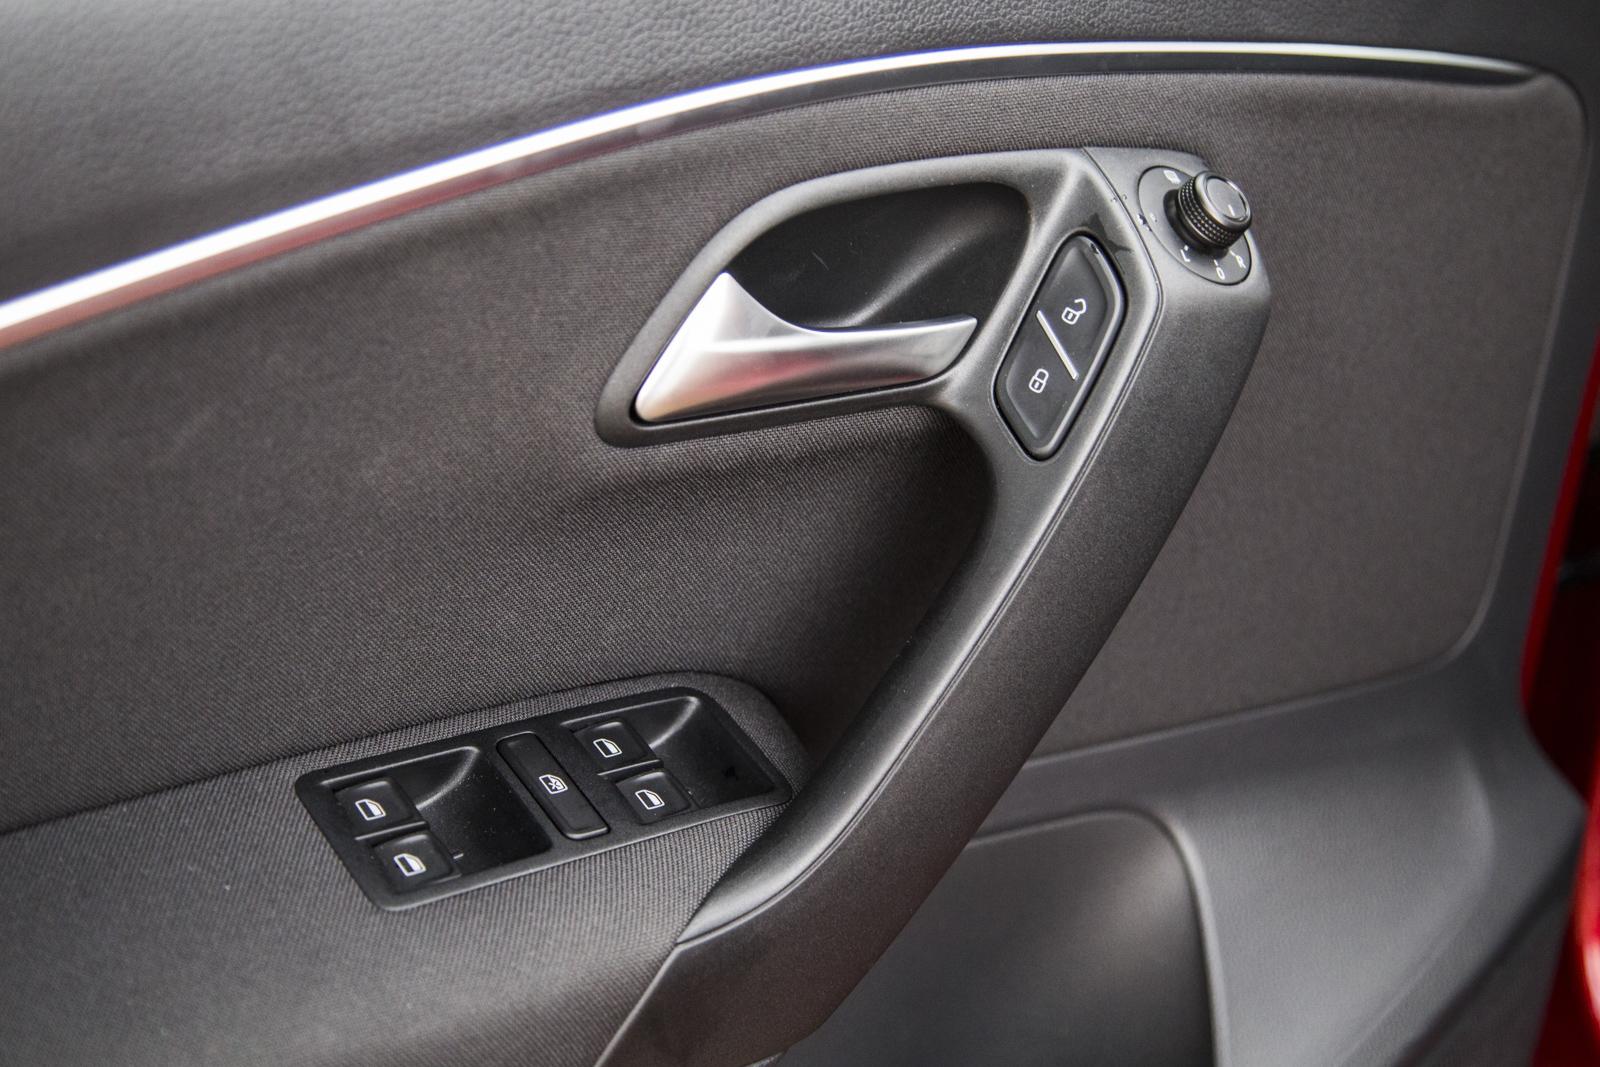 Test_Drive_VW_Polo_1.4_TDI_105_27